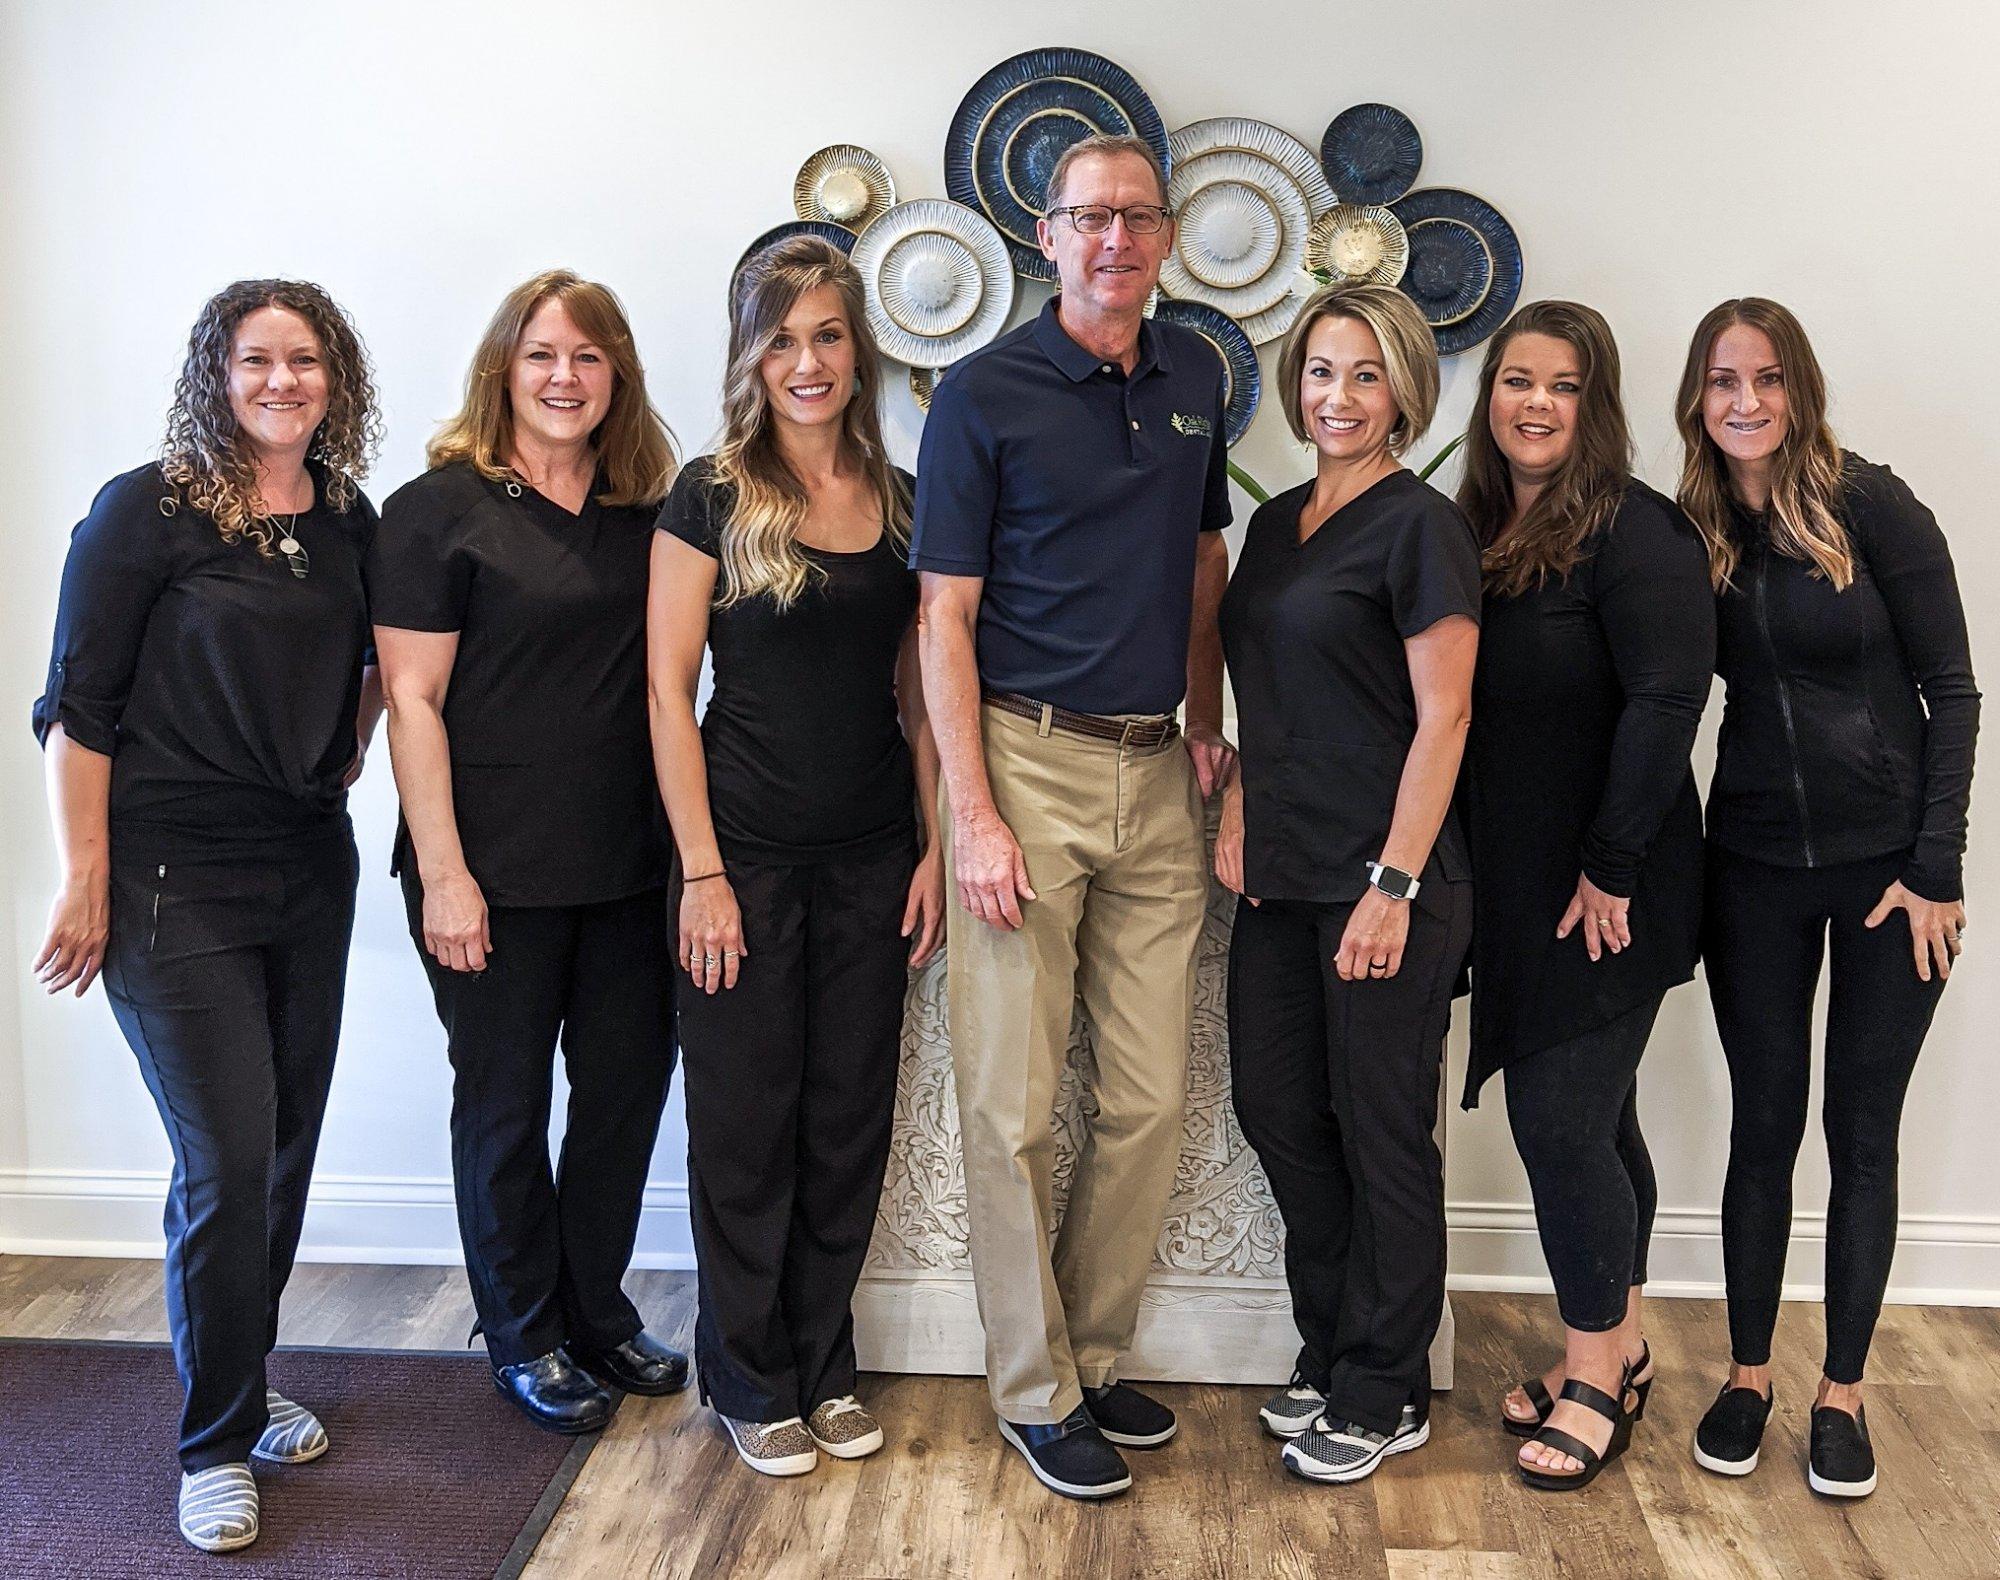 Oak Ridge Dental Arts Sherrills Ford Staff